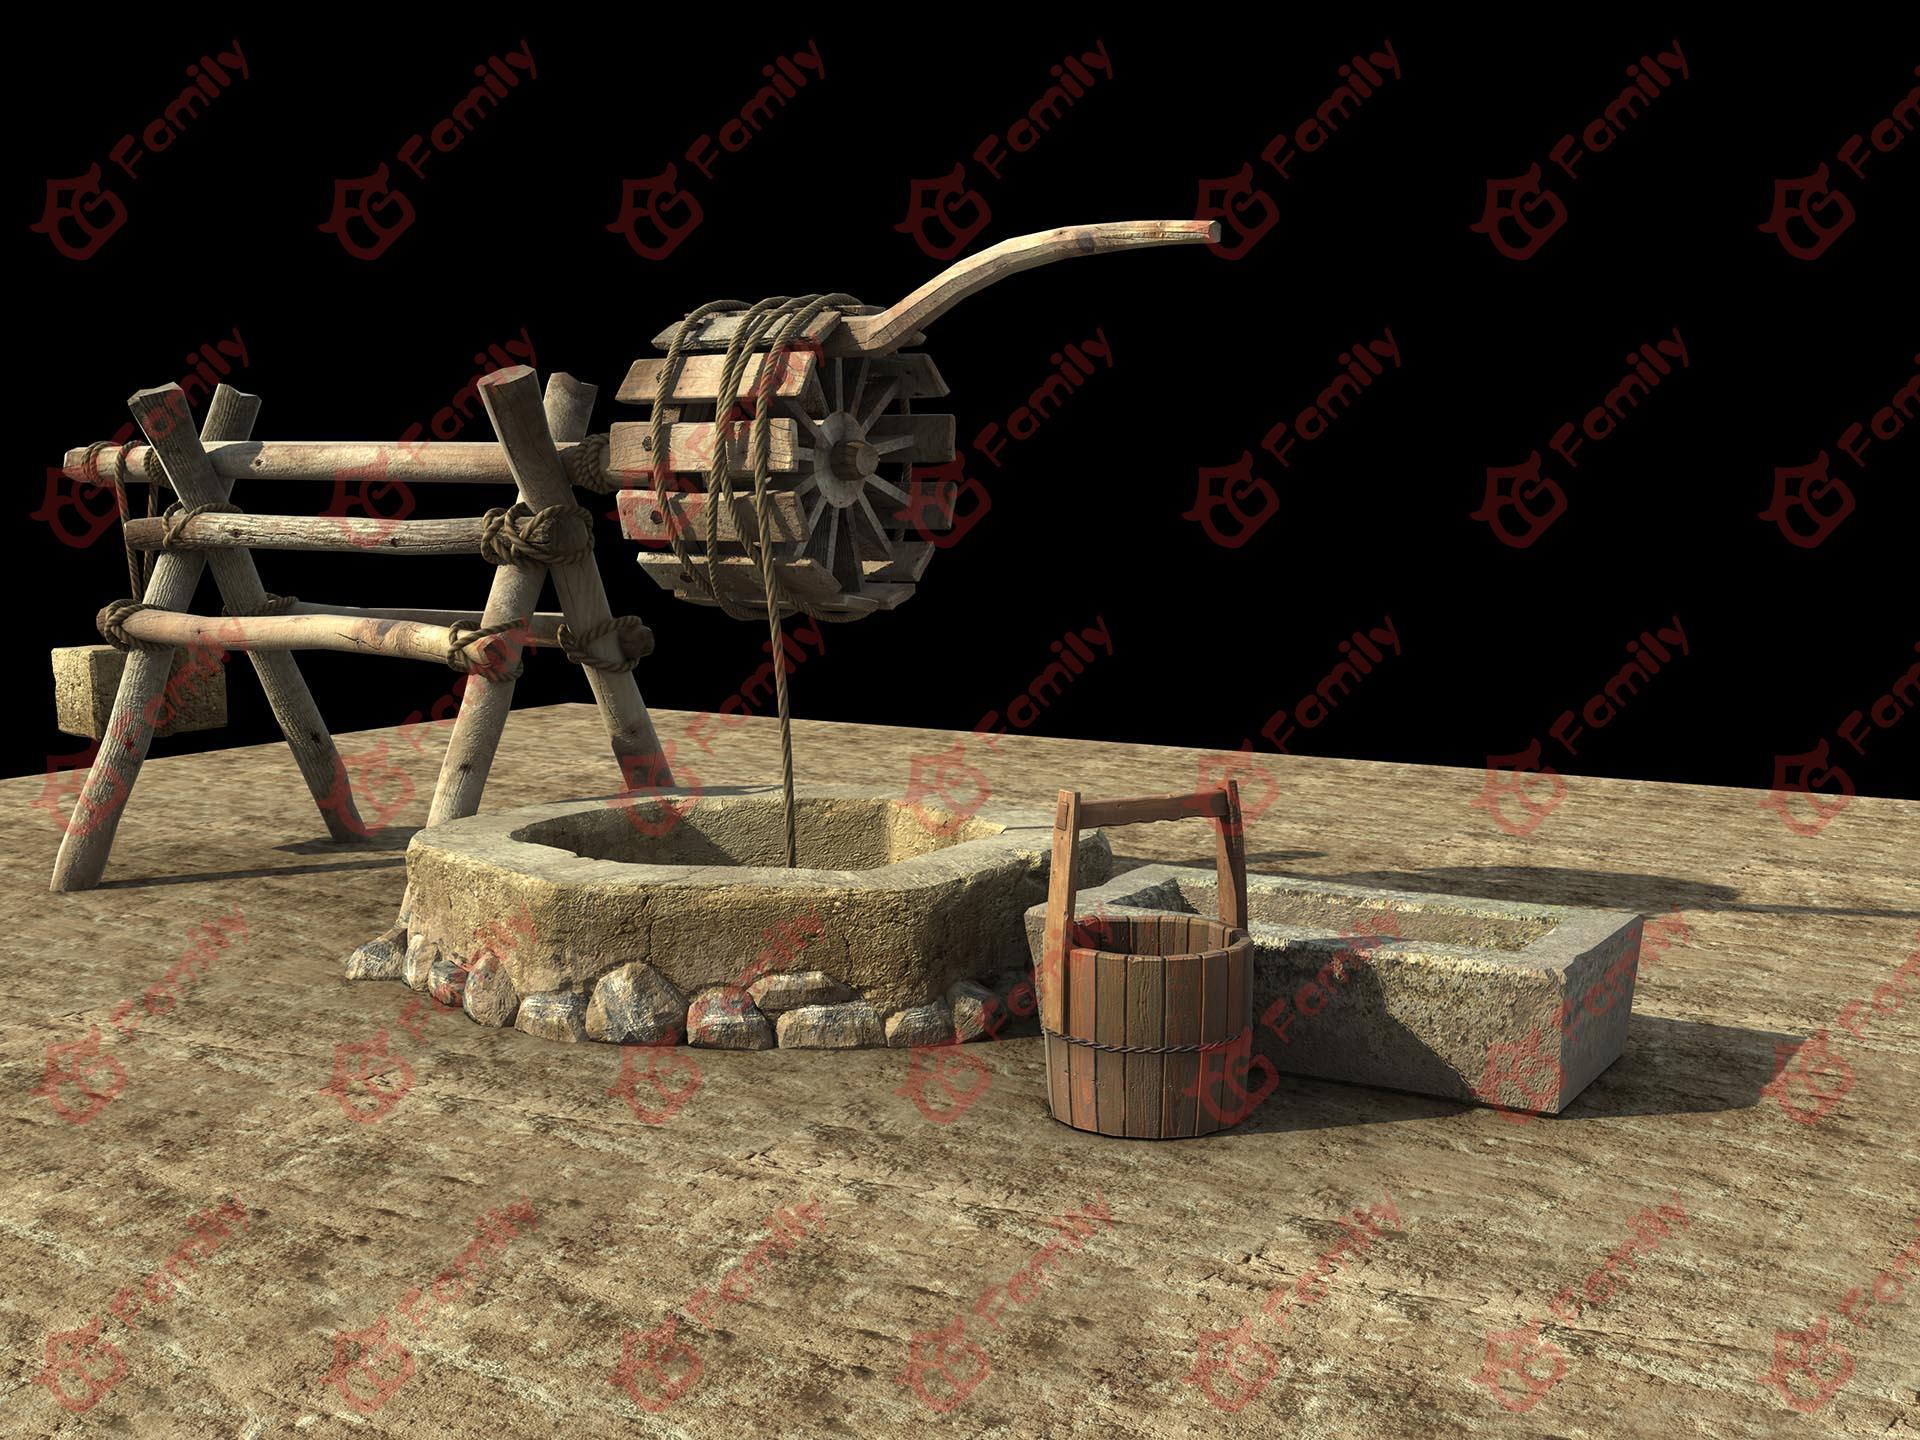 水井 古井 轱辘水井 农村水井 井轱辘 水桶